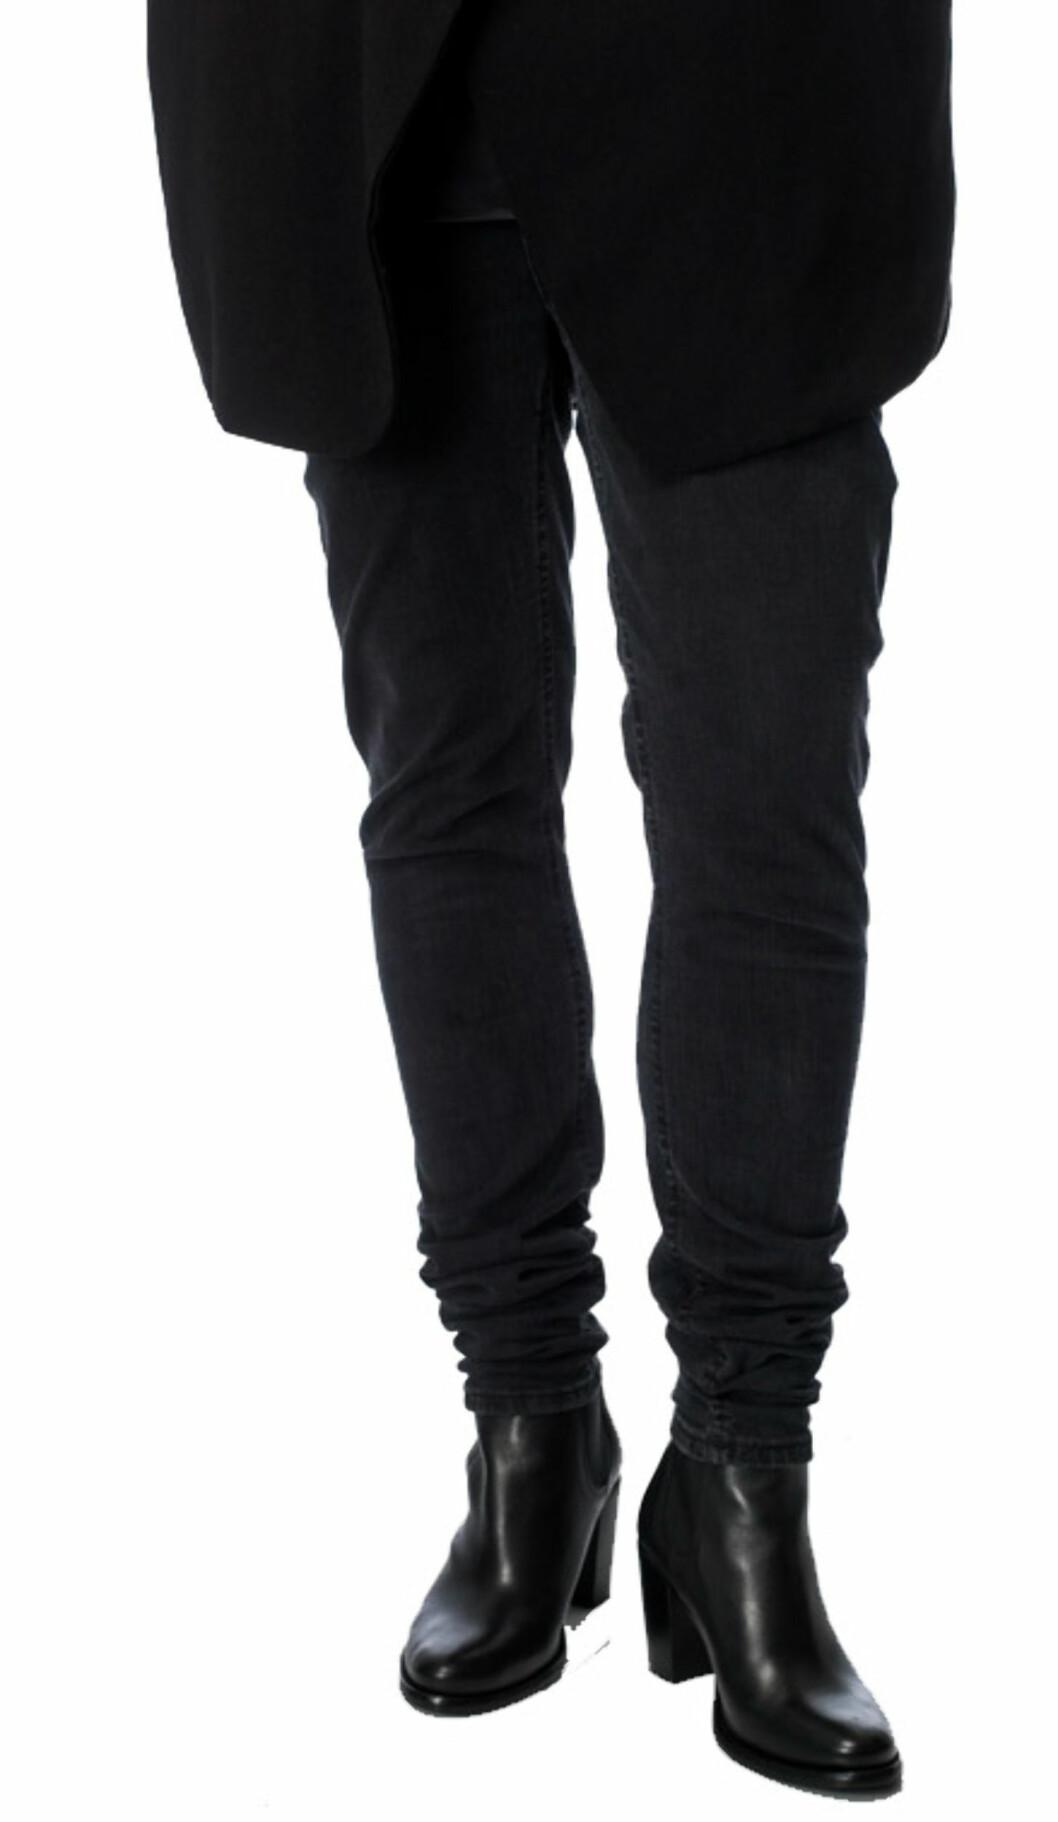 FUNKER IKKE HELT: Den eneste måten å løse problemet med en altfor lang jeans, er å ta den opp i støvlene - ikke som her, hvor buksen ruller seg sammen.     Foto: Ole Martin Halvorsen